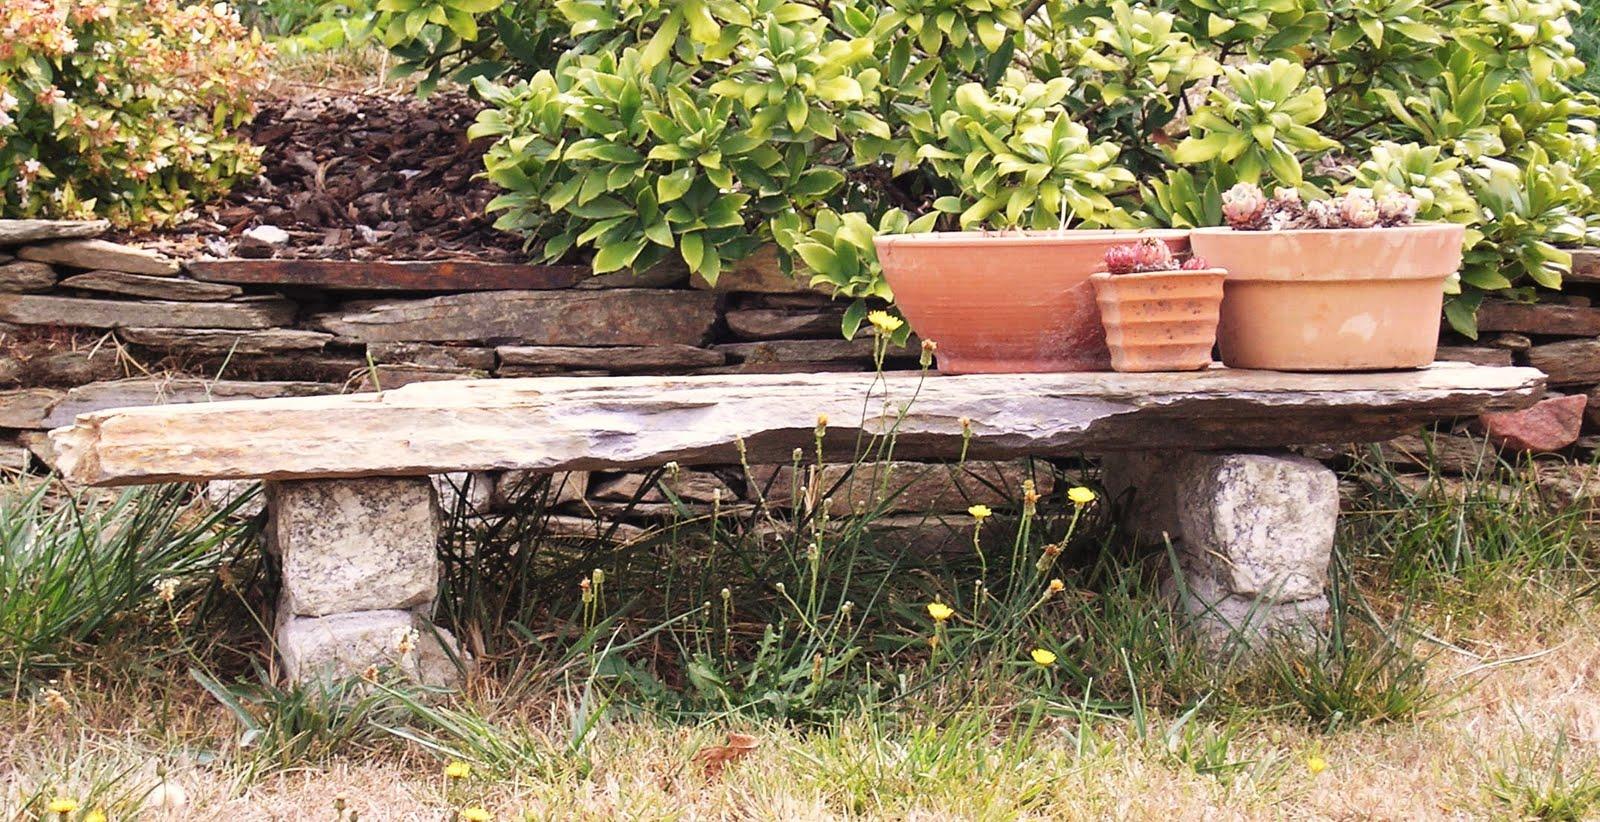 El desvan de mamen bancos para el jard n for Bancos de piedra para jardin